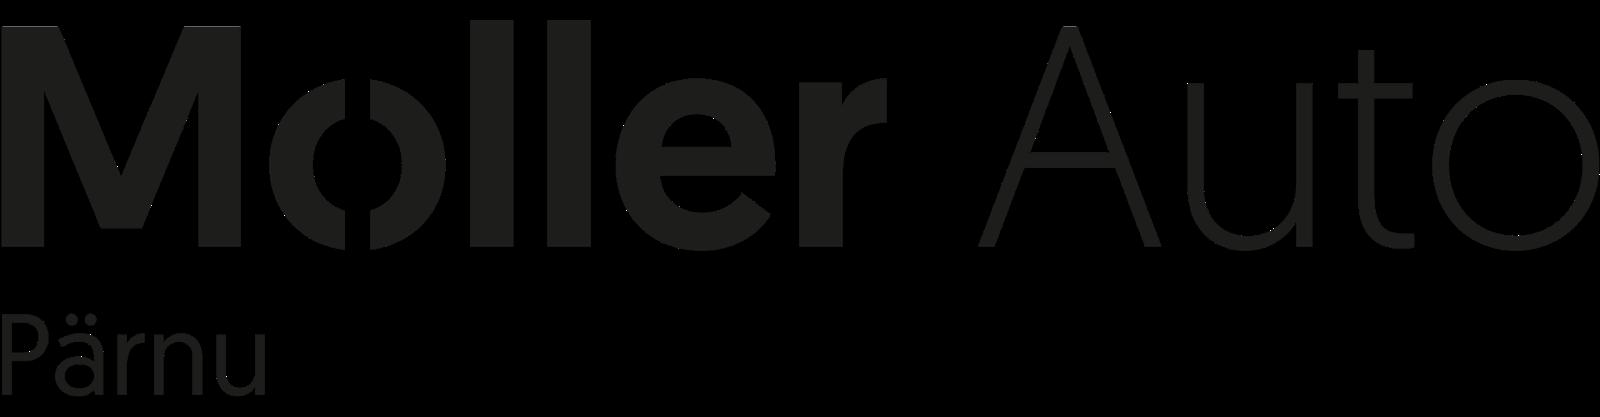 Moller Auto - Karel Leetsari mälestusvõistluse sponsor 2018